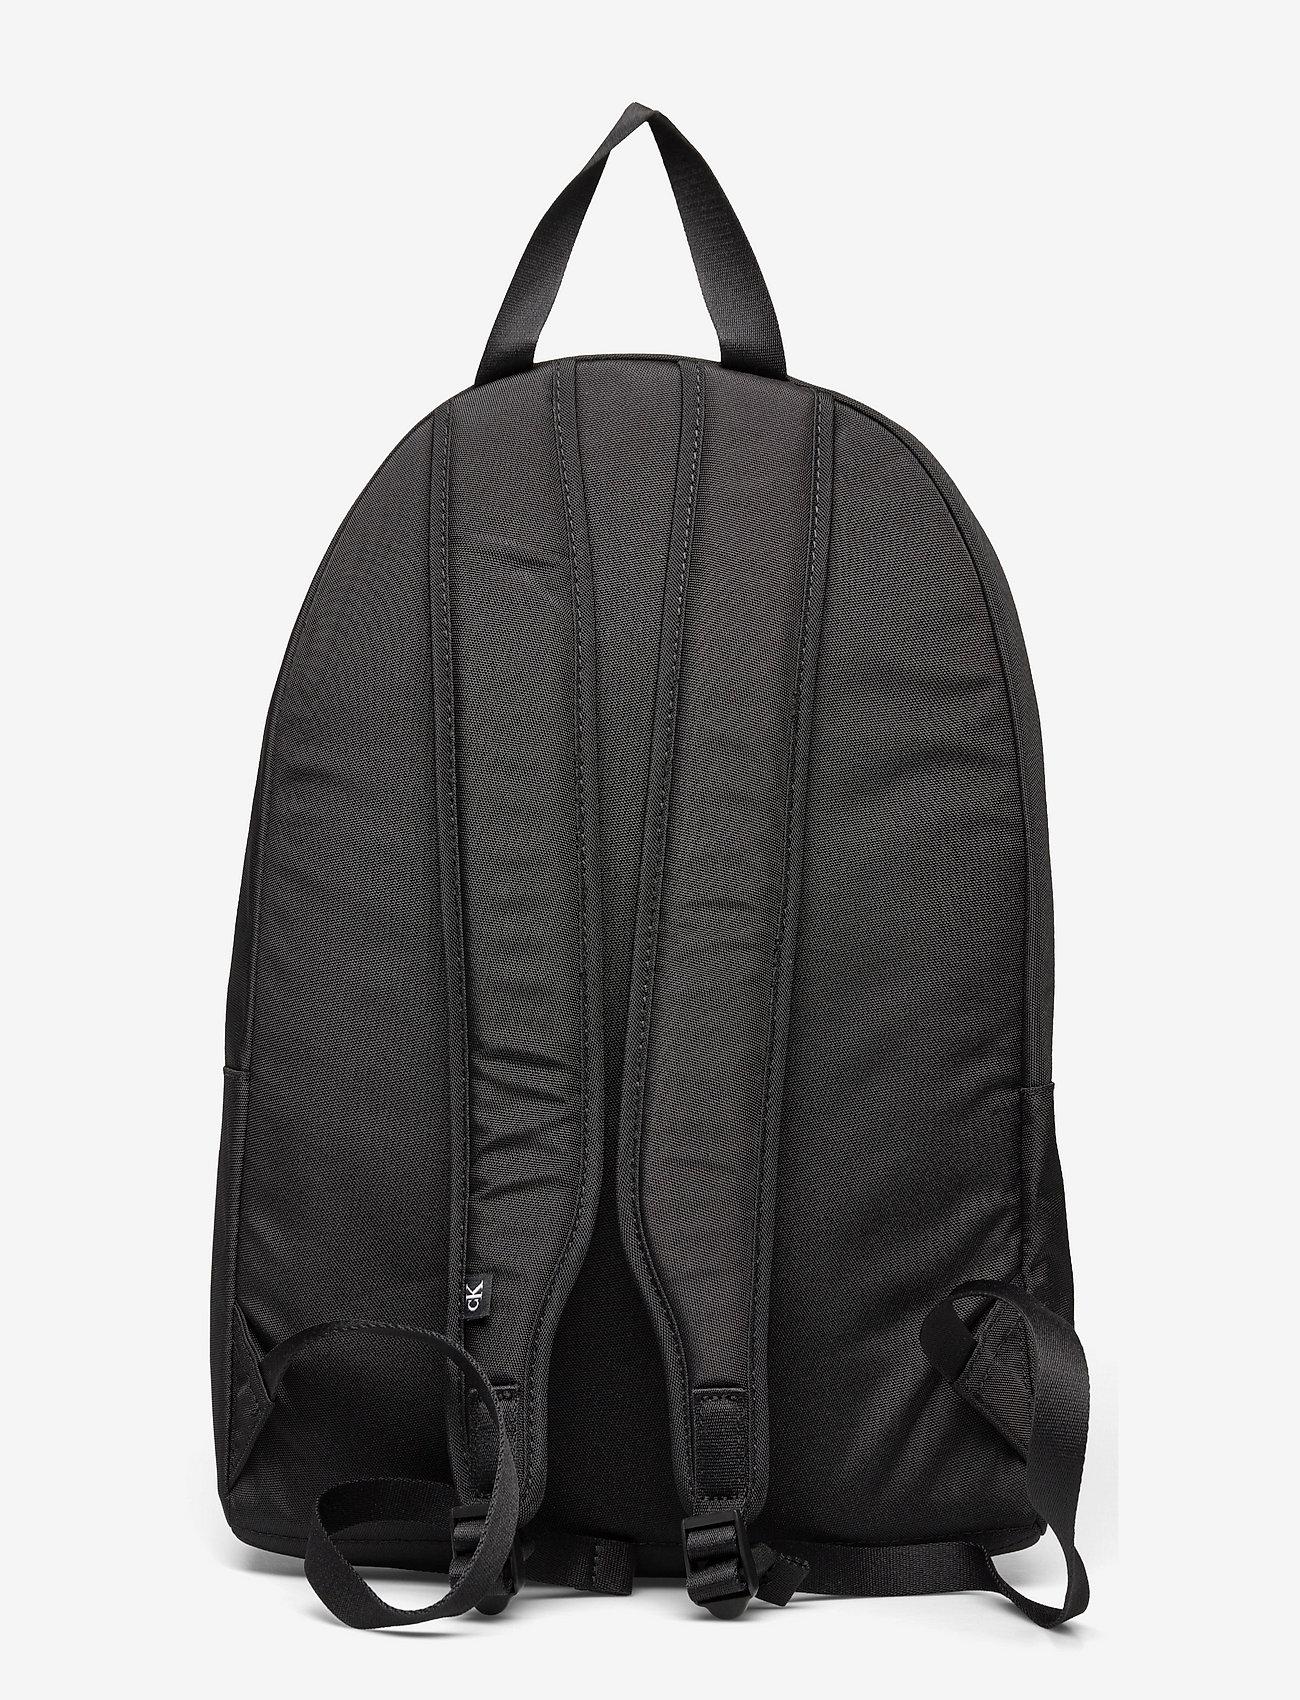 Calvin Klein - CAMPUS BP 43 GLOW - torby - black - 1